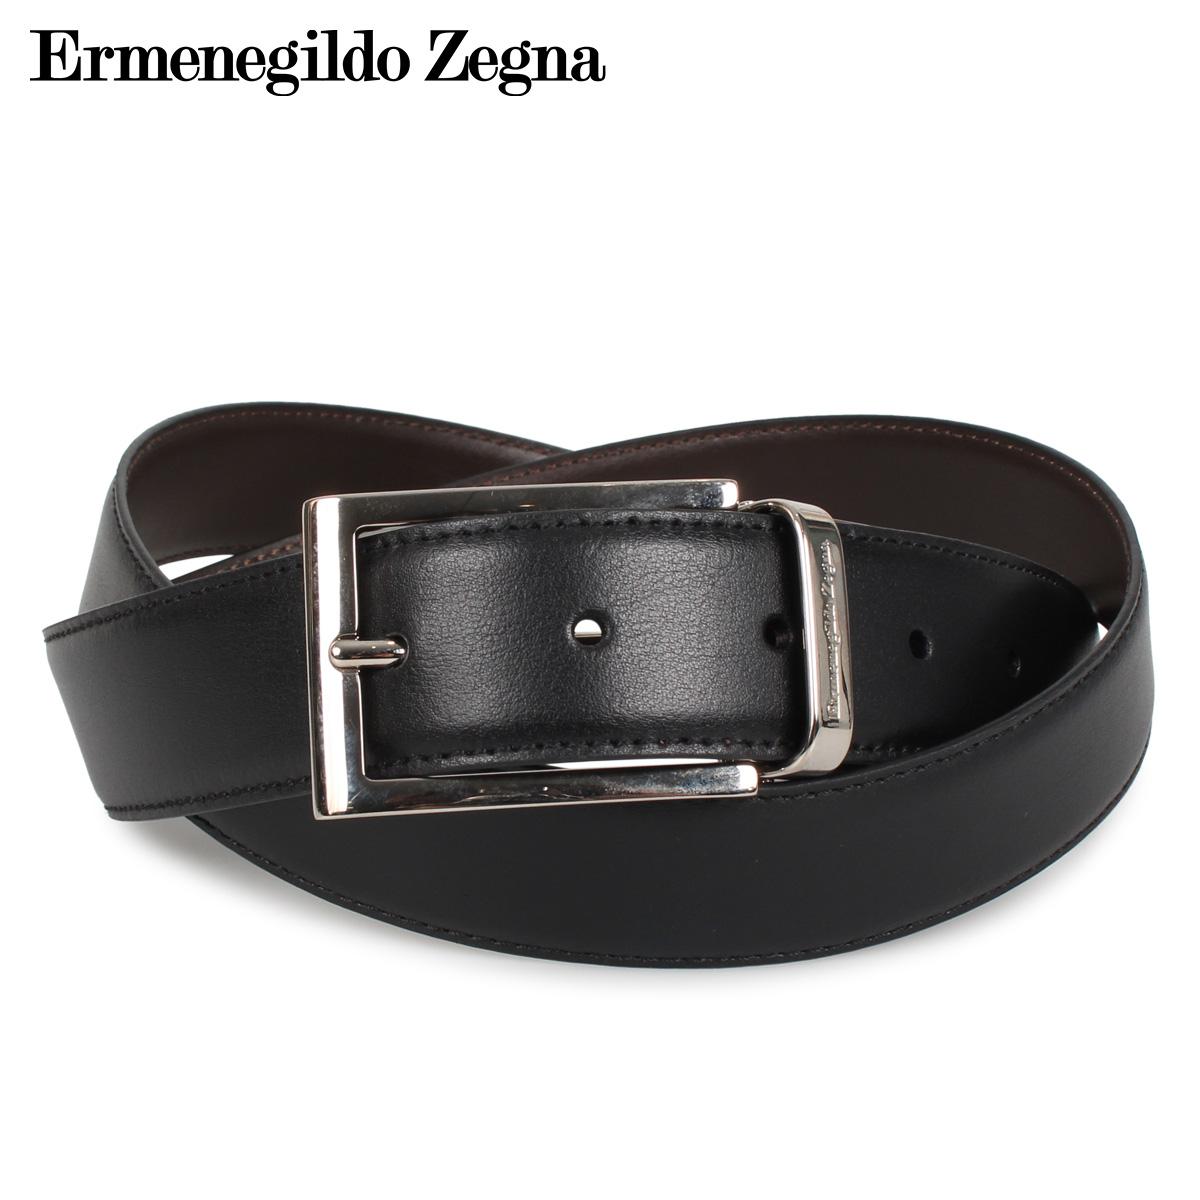 Ermenegildo Zegna エルメネジルドゼニア ベルト レザーベルト 本革 メンズ リバーシブル BELT ブラック 黒 ZPJ45-902 [4/17 新入荷]